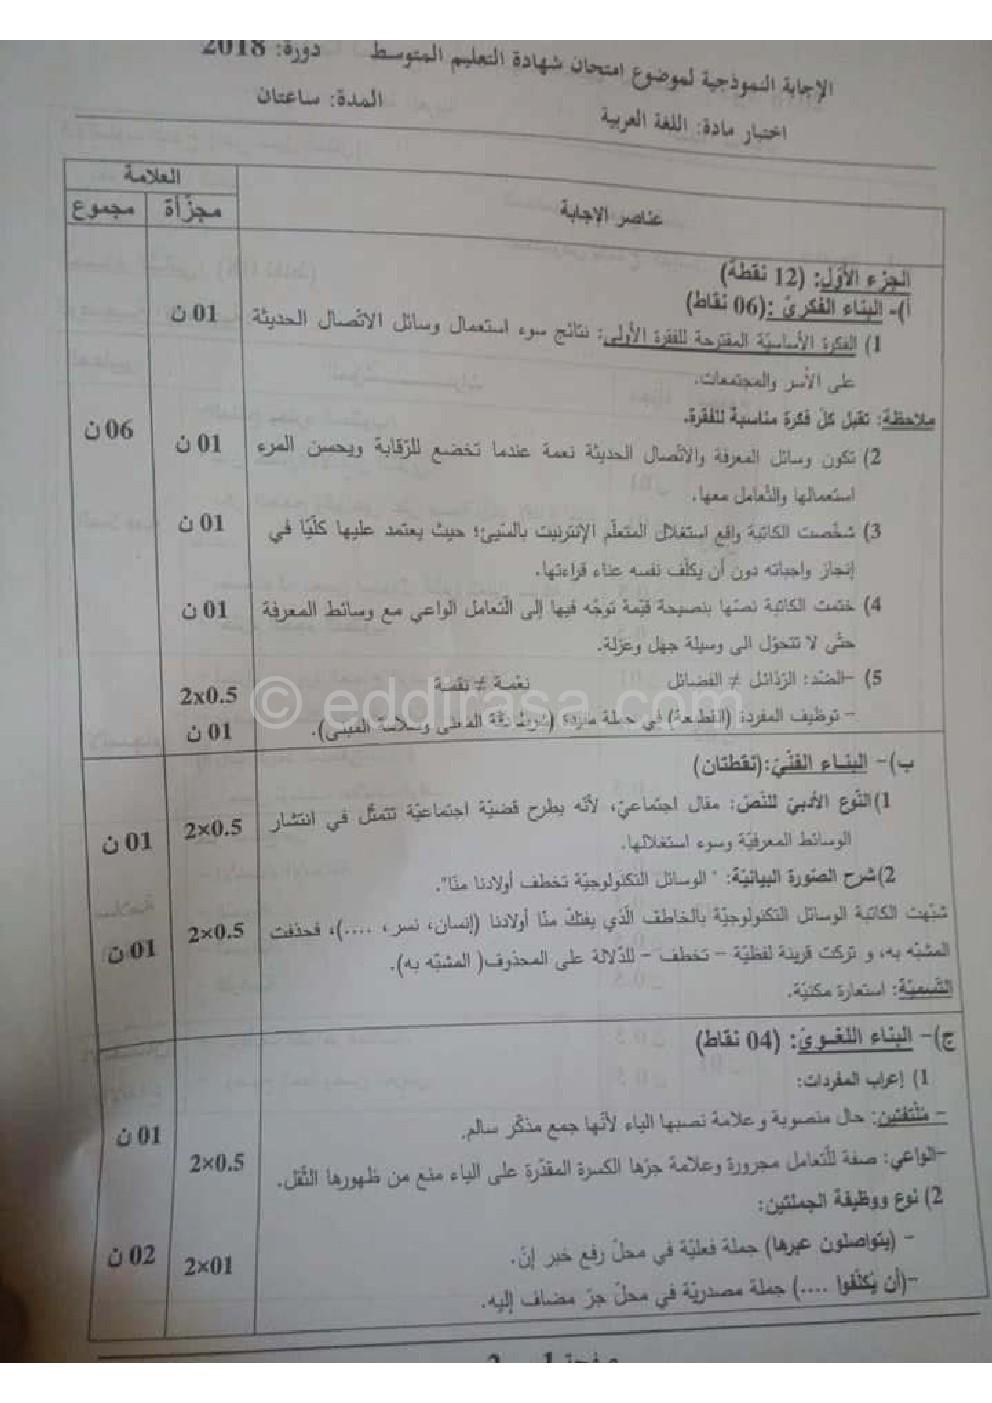 امتحان شهادة تعليم المتوسط اللغة العربية 2018 0001-2